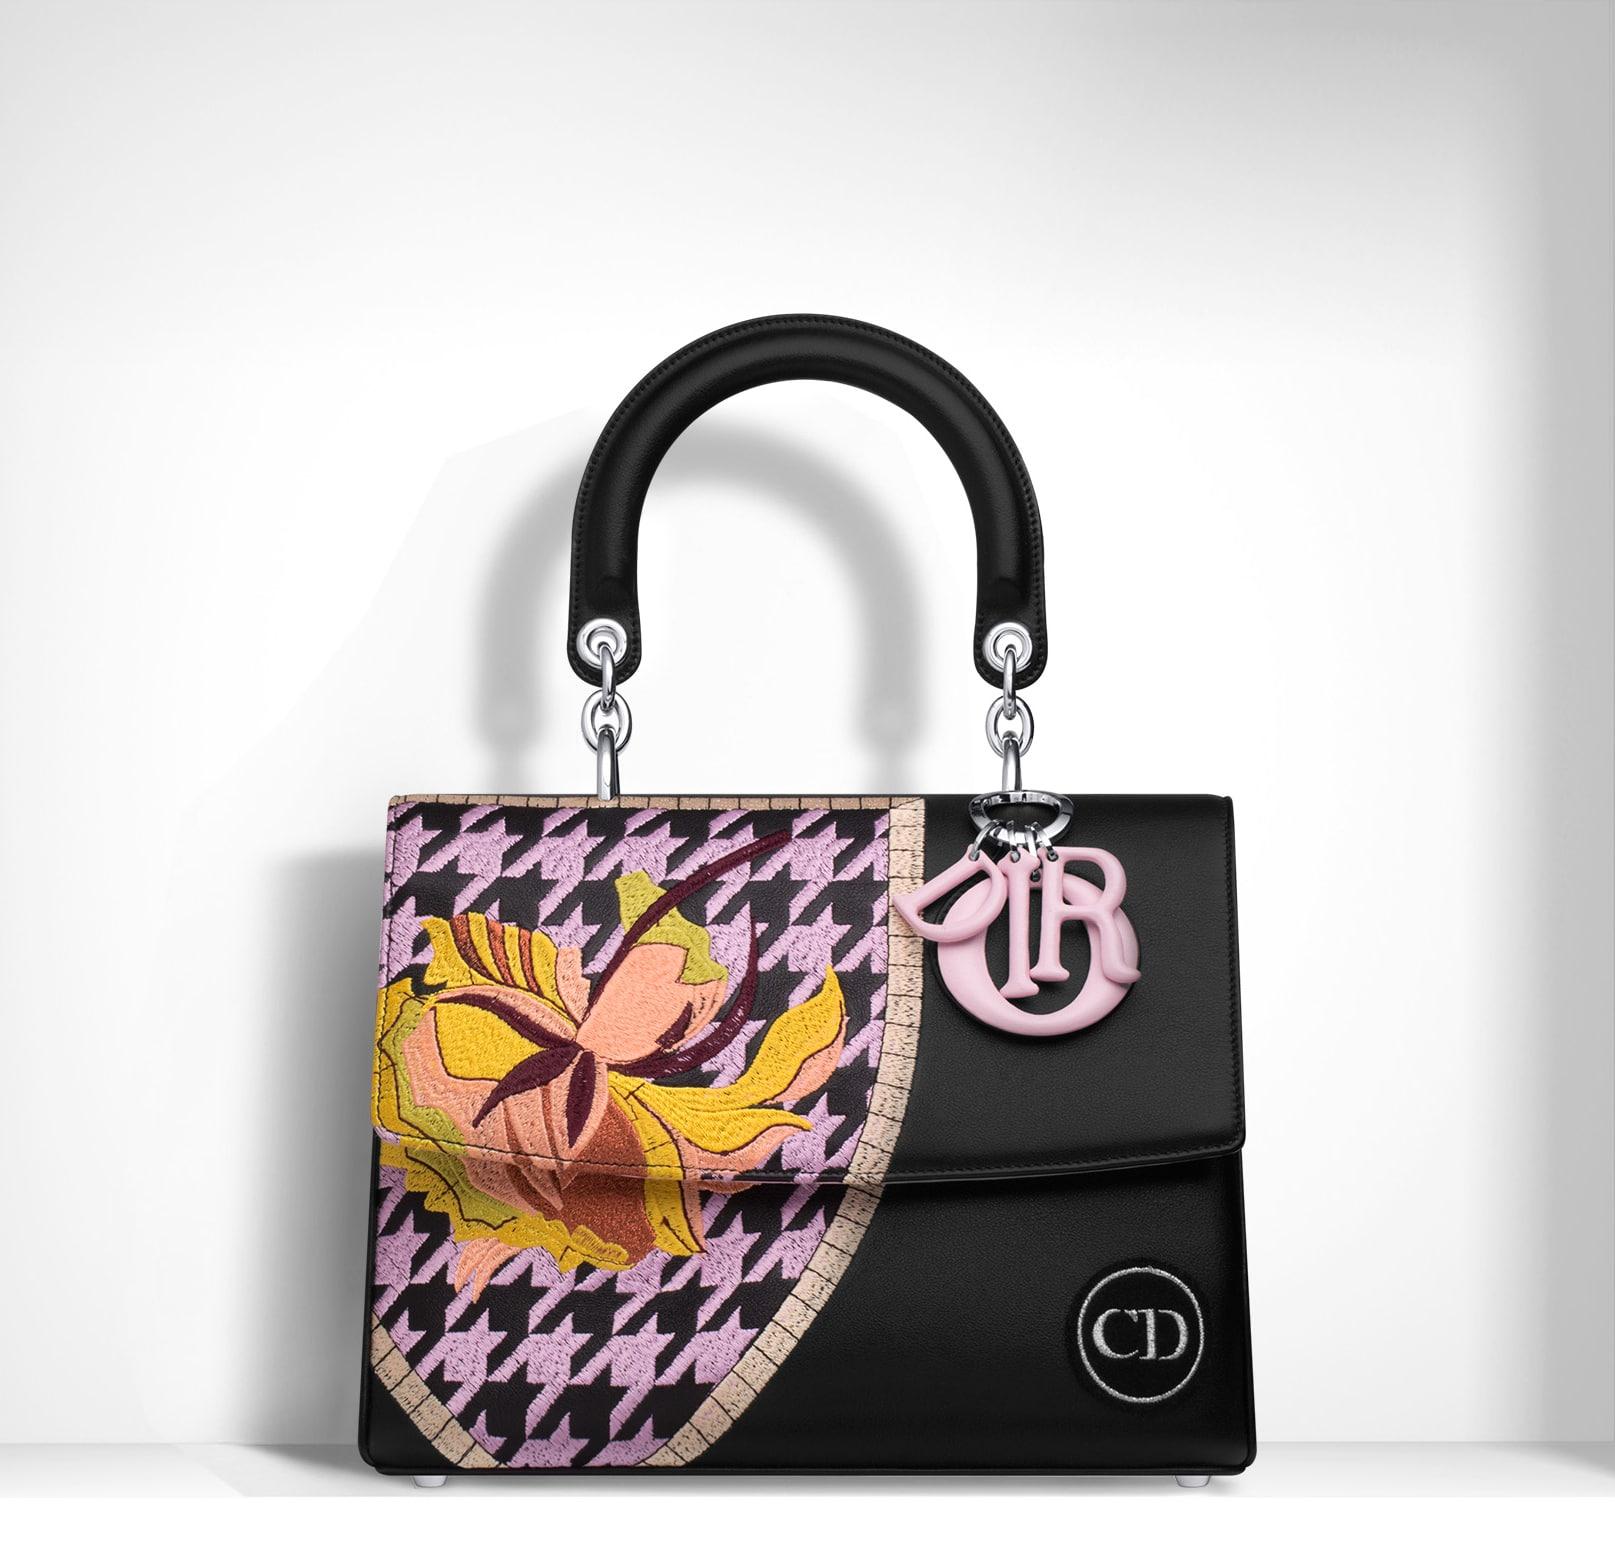 price chloe bags borsa for women